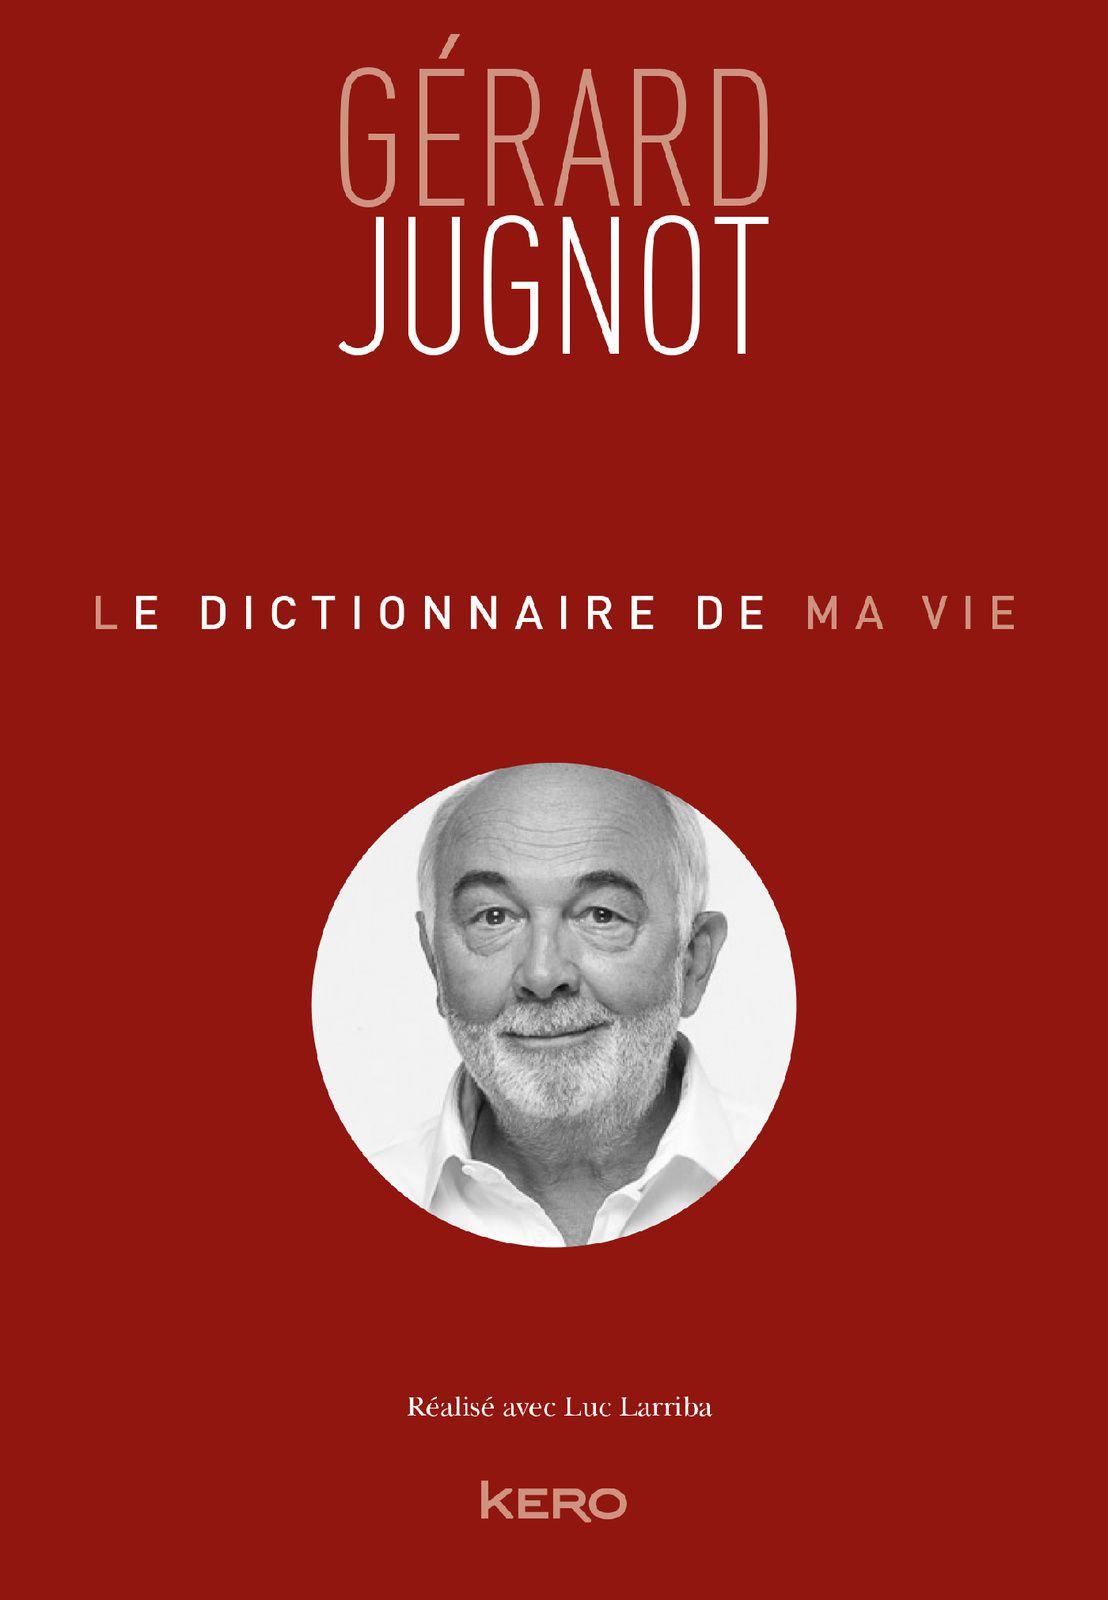 Parution du livre Le dictionnaire de ma vie, par Gérard Jugnot.